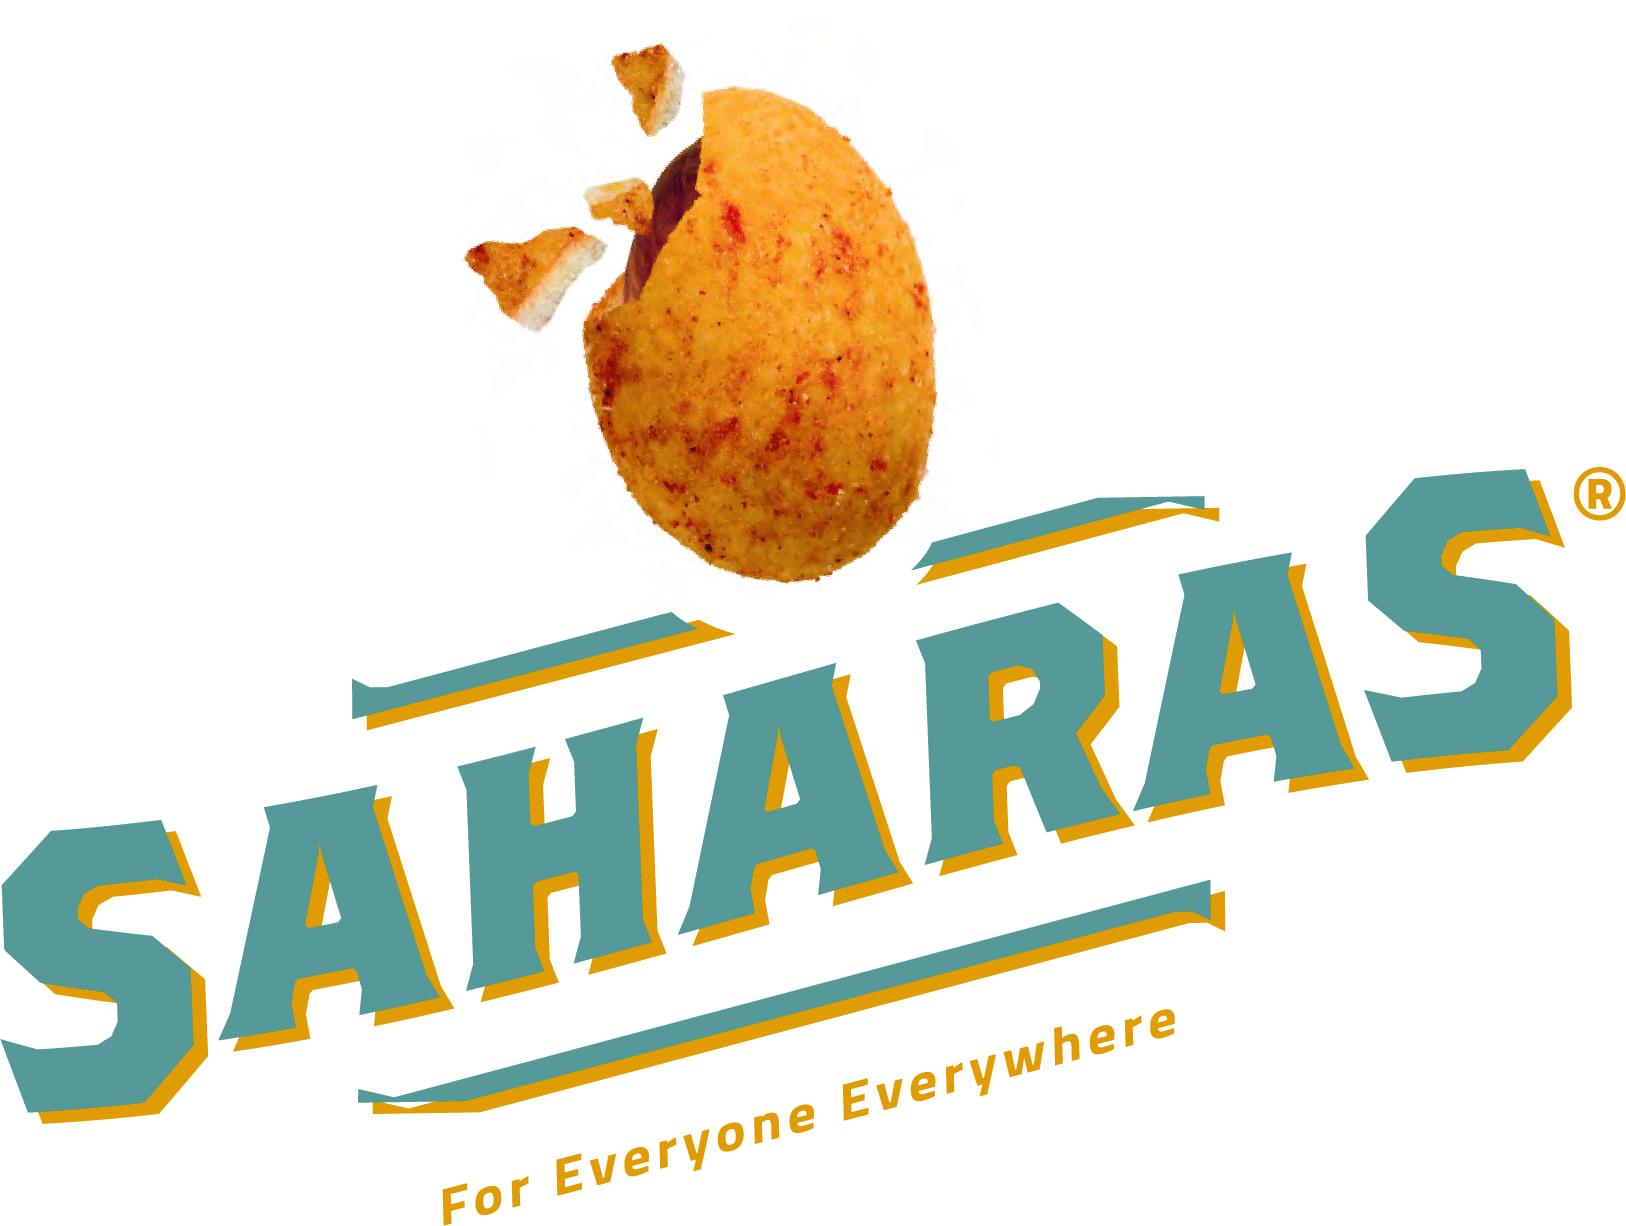 Saharas 1